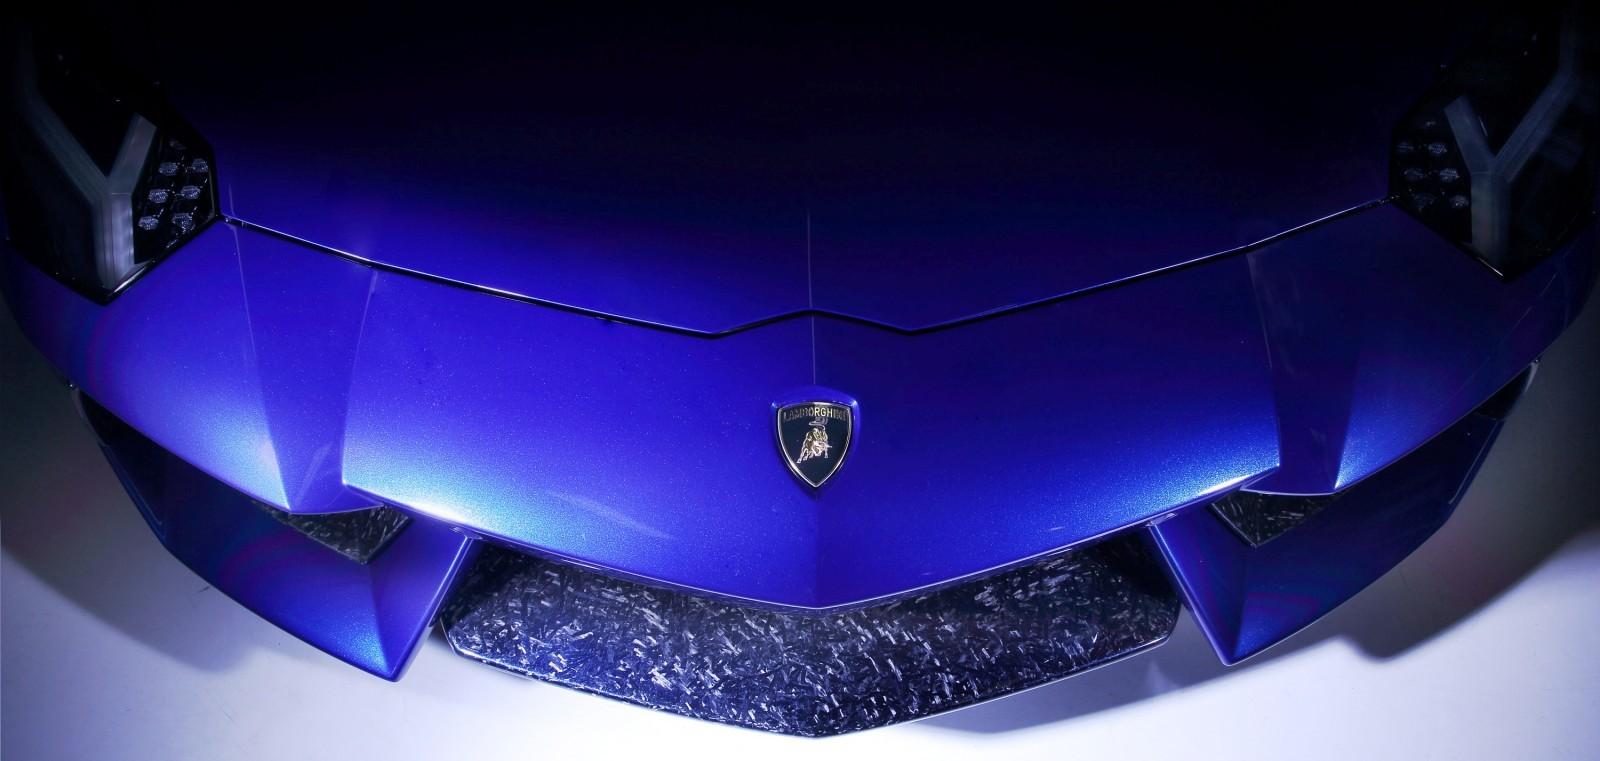 Hypercar Showcase - 2014 Lamborghini Aventador Trumped Only By Aventador J and Aventador Roadster 35